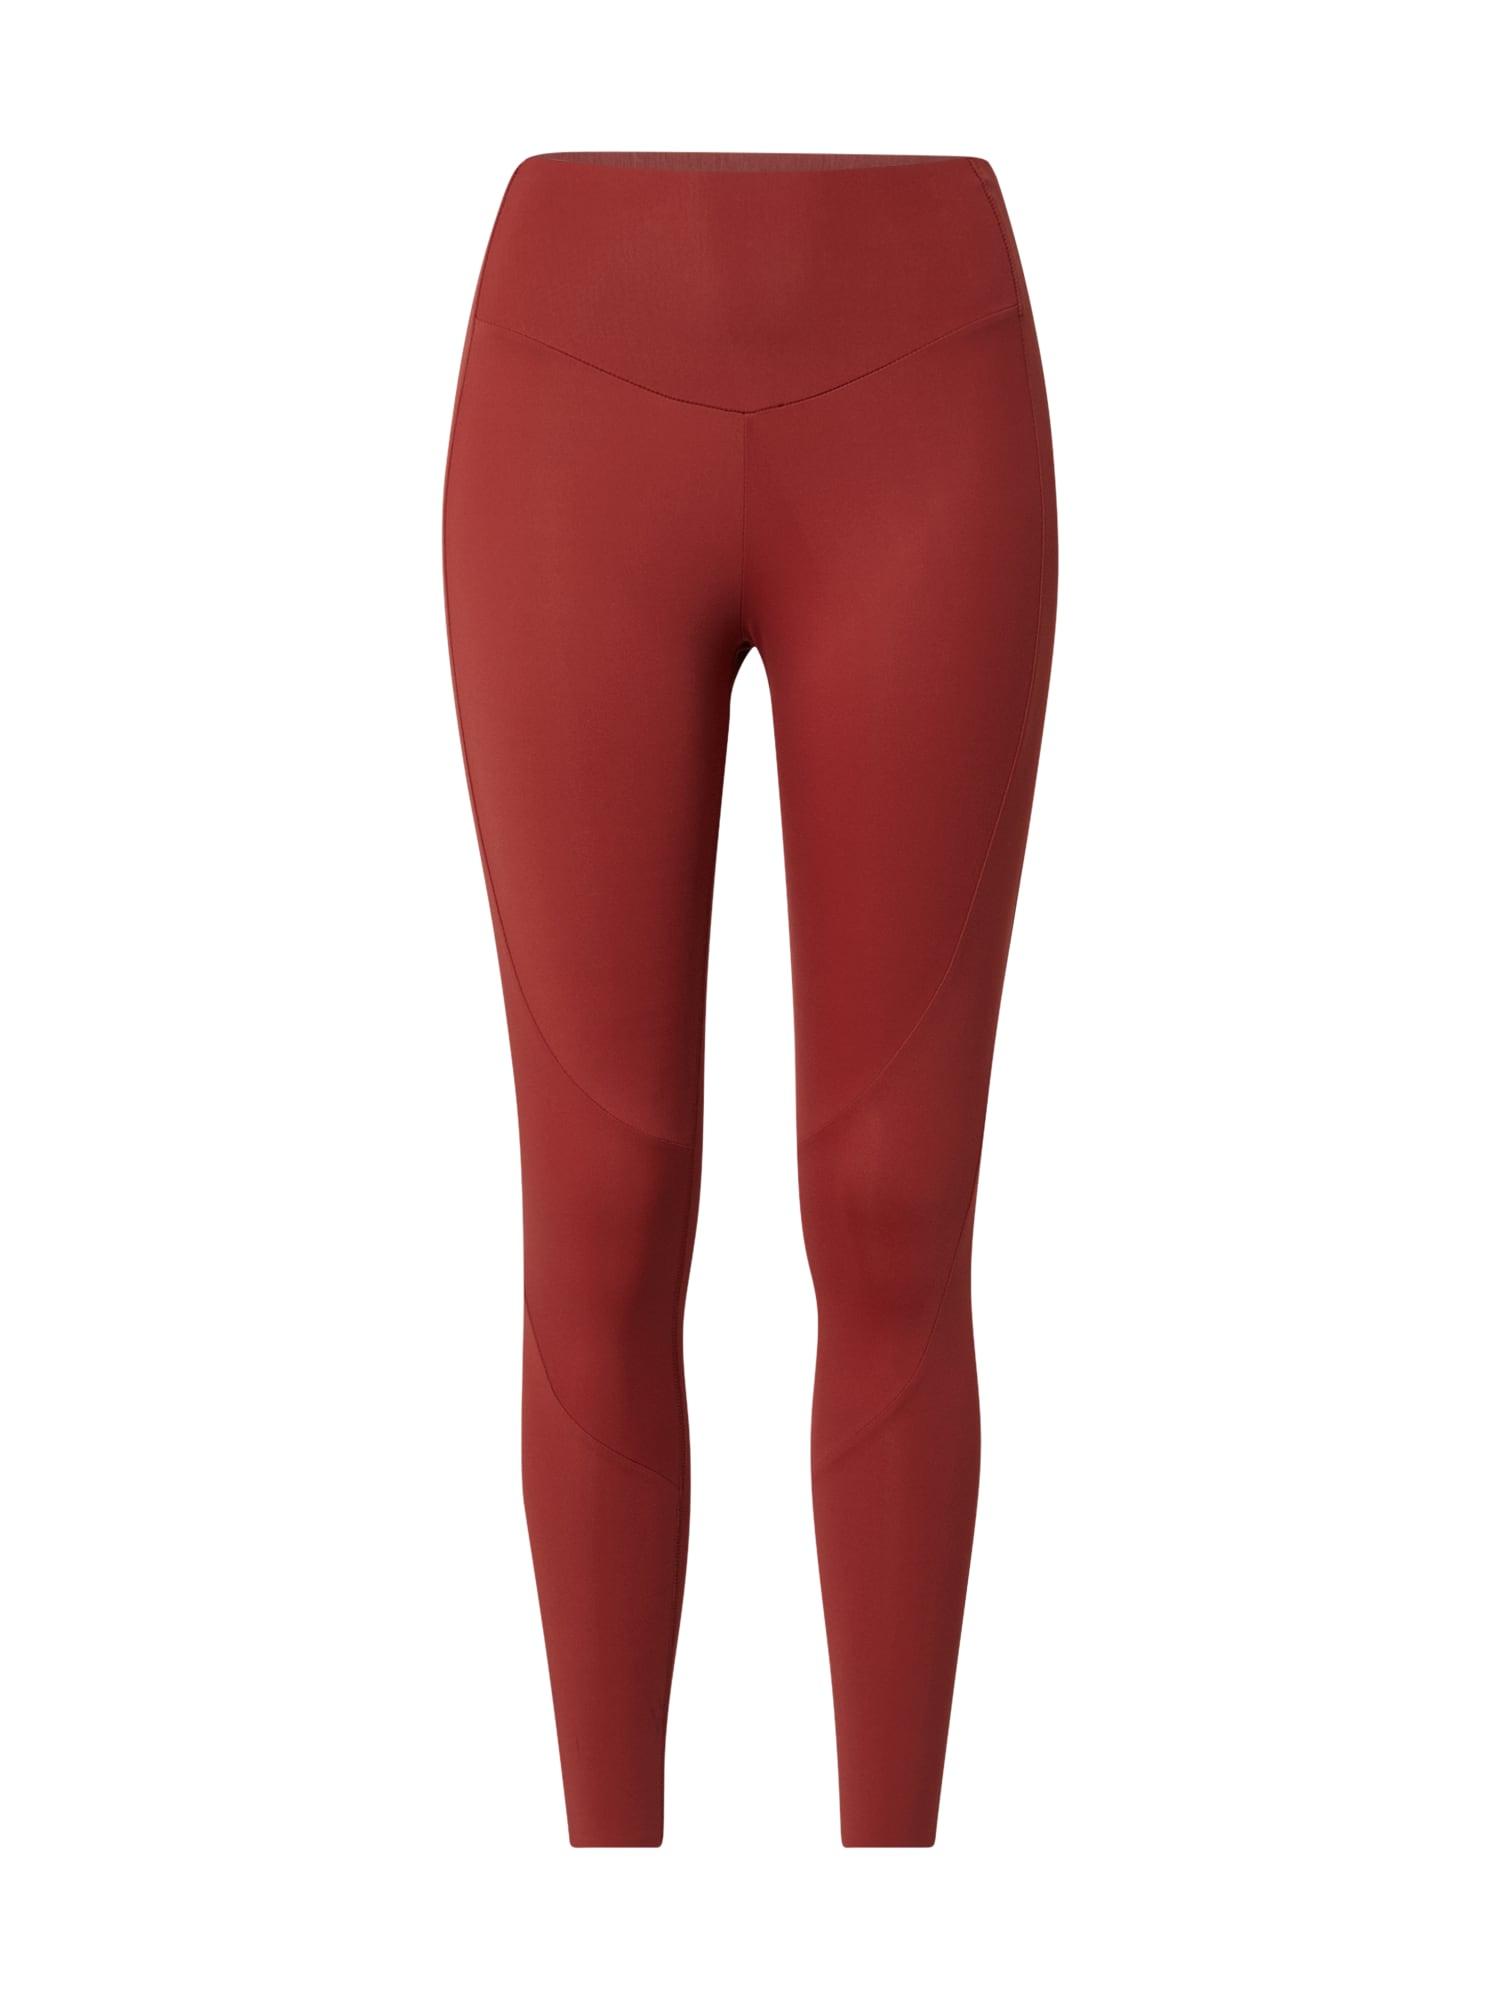 HKMX Sportinės kelnės